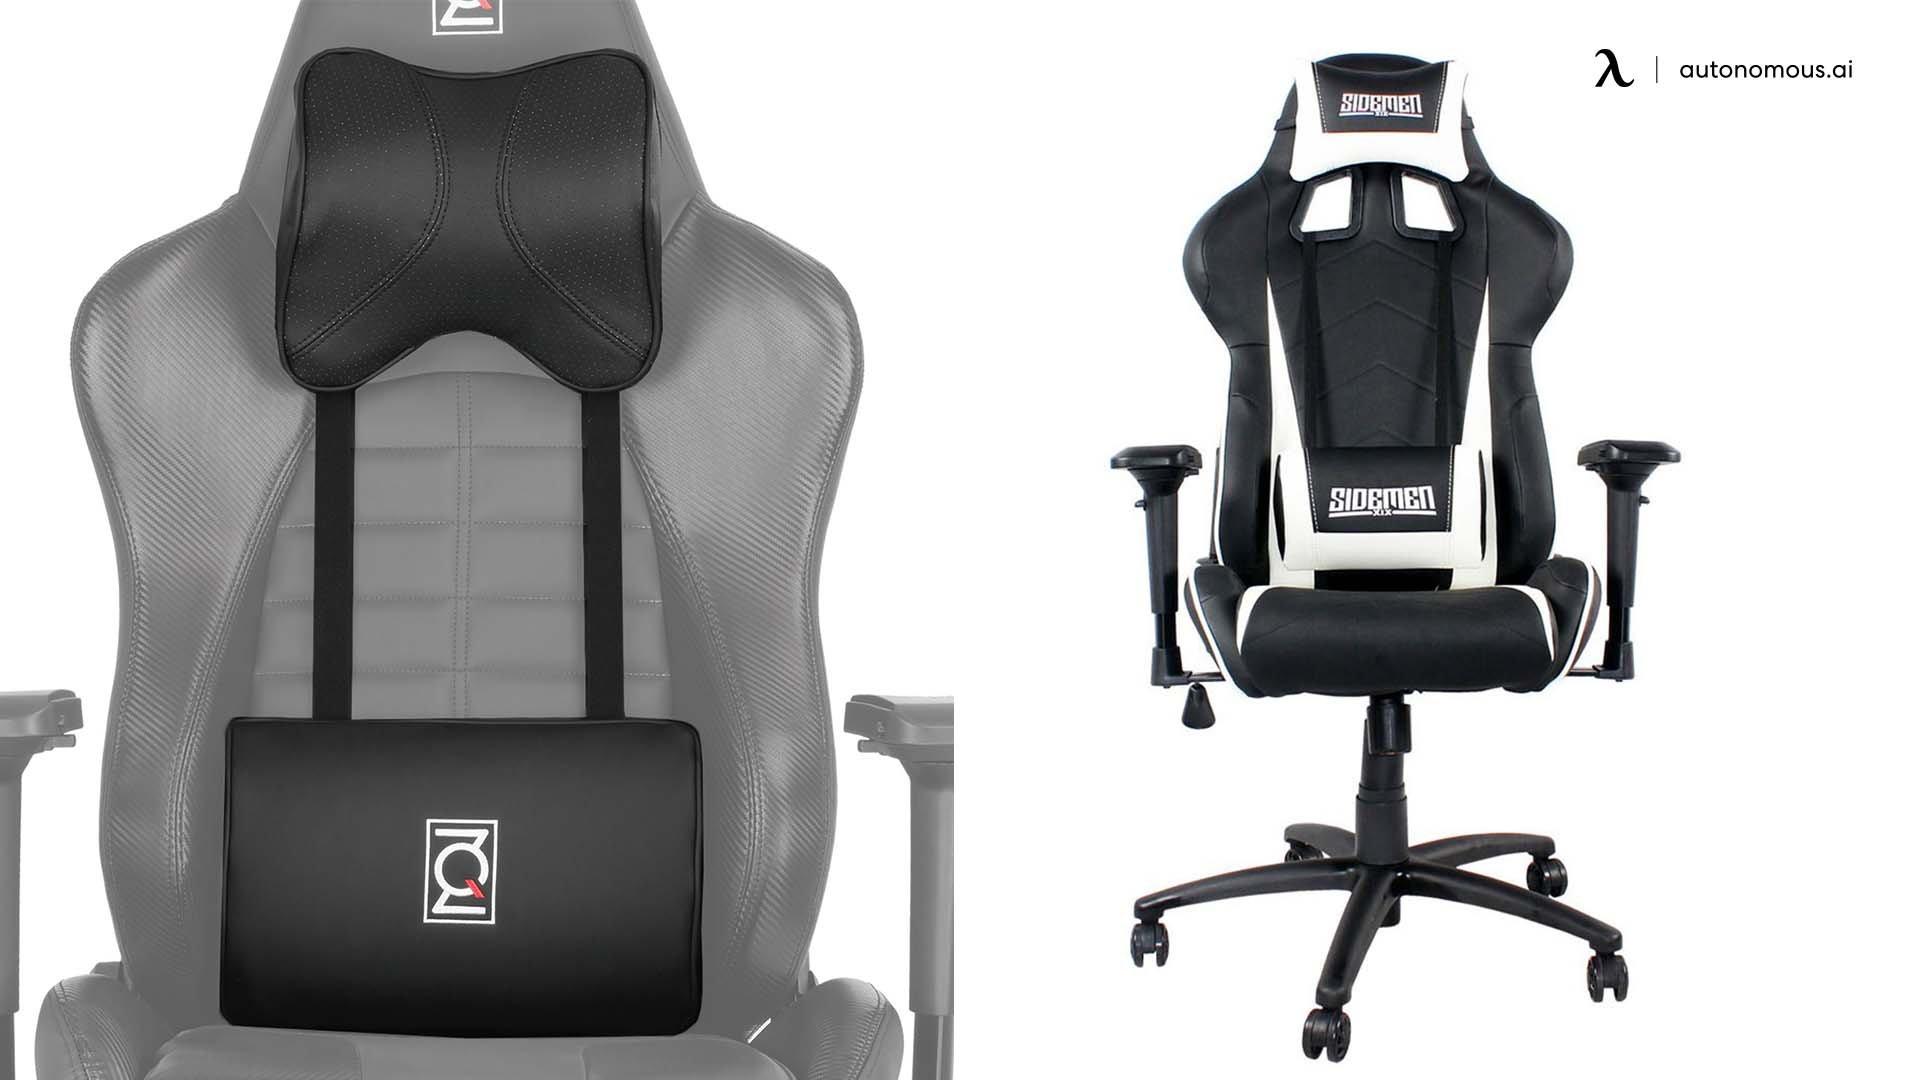 External Lumbar Support for Office Chair